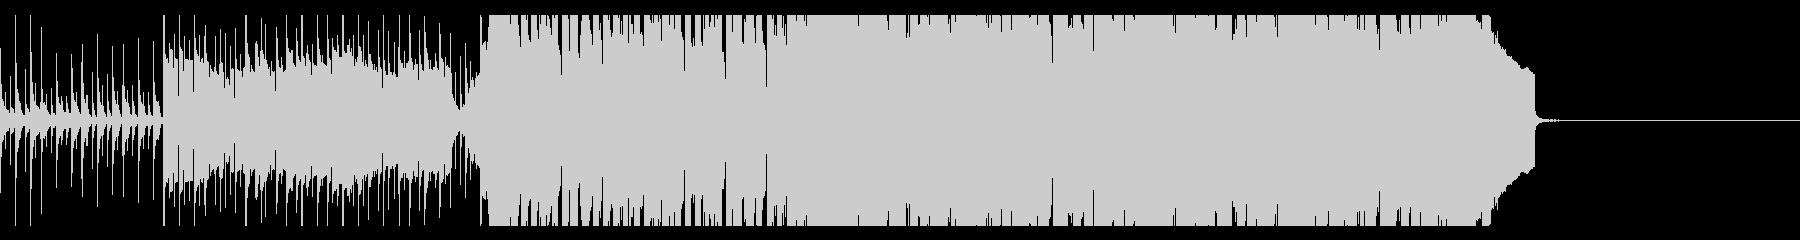 ポップロック 企業イメージ ポジテ...の未再生の波形